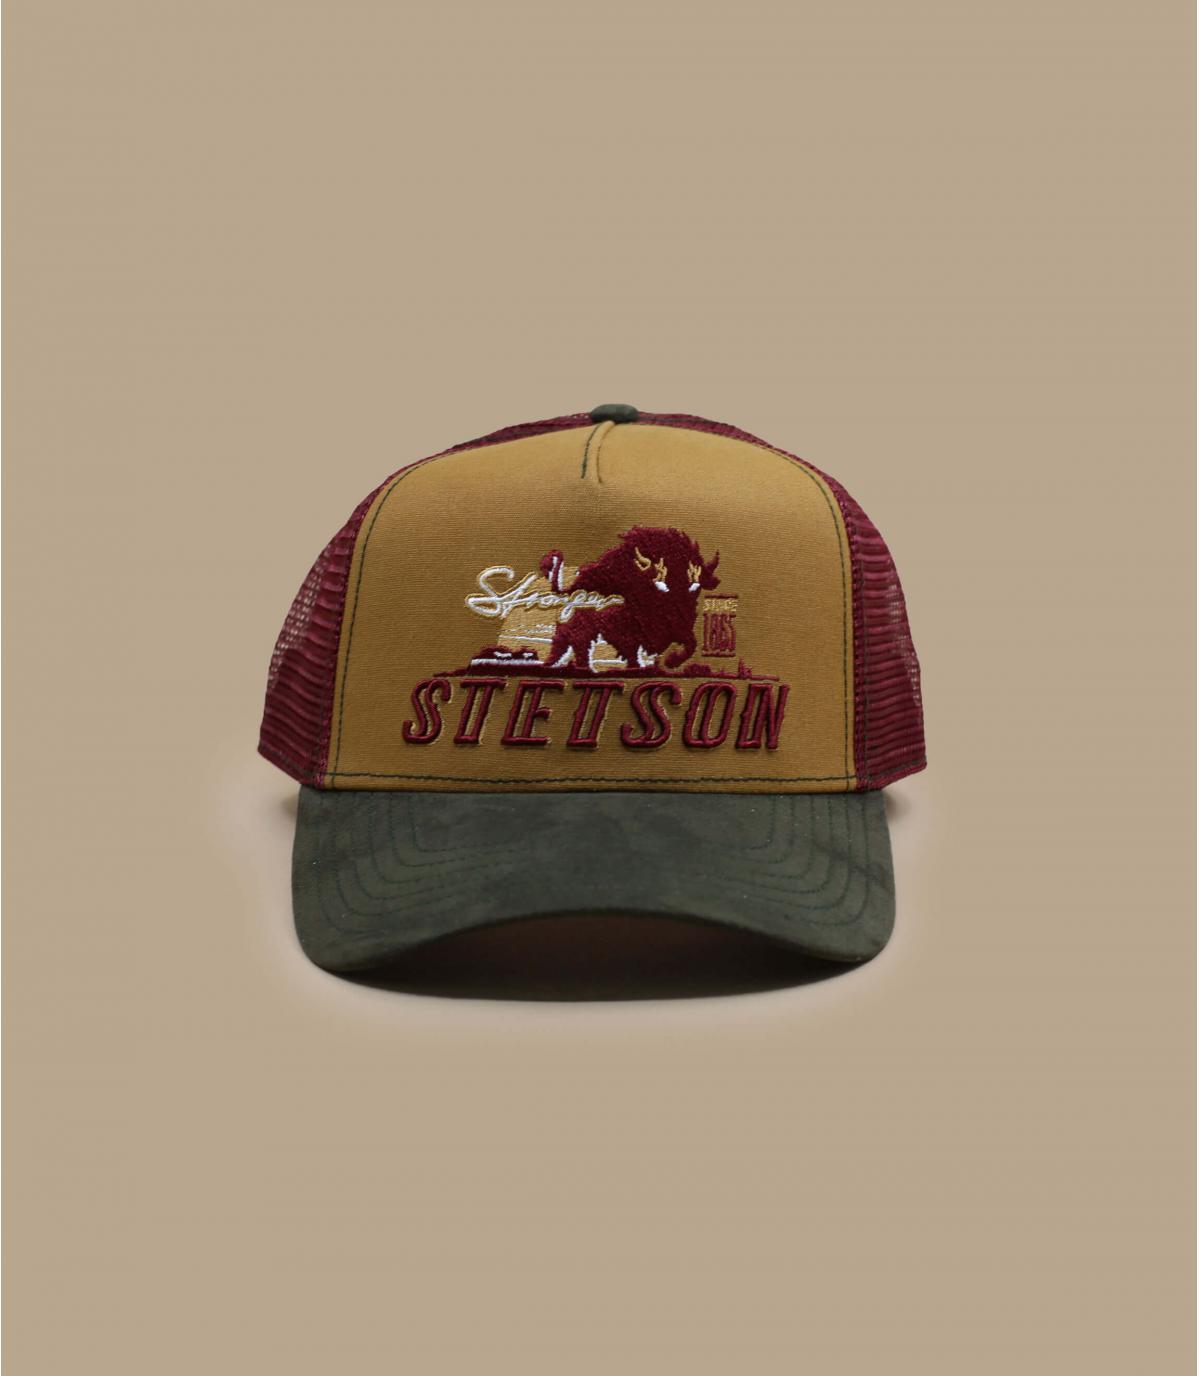 Dettagli Trucker Stronger Bison - image 2